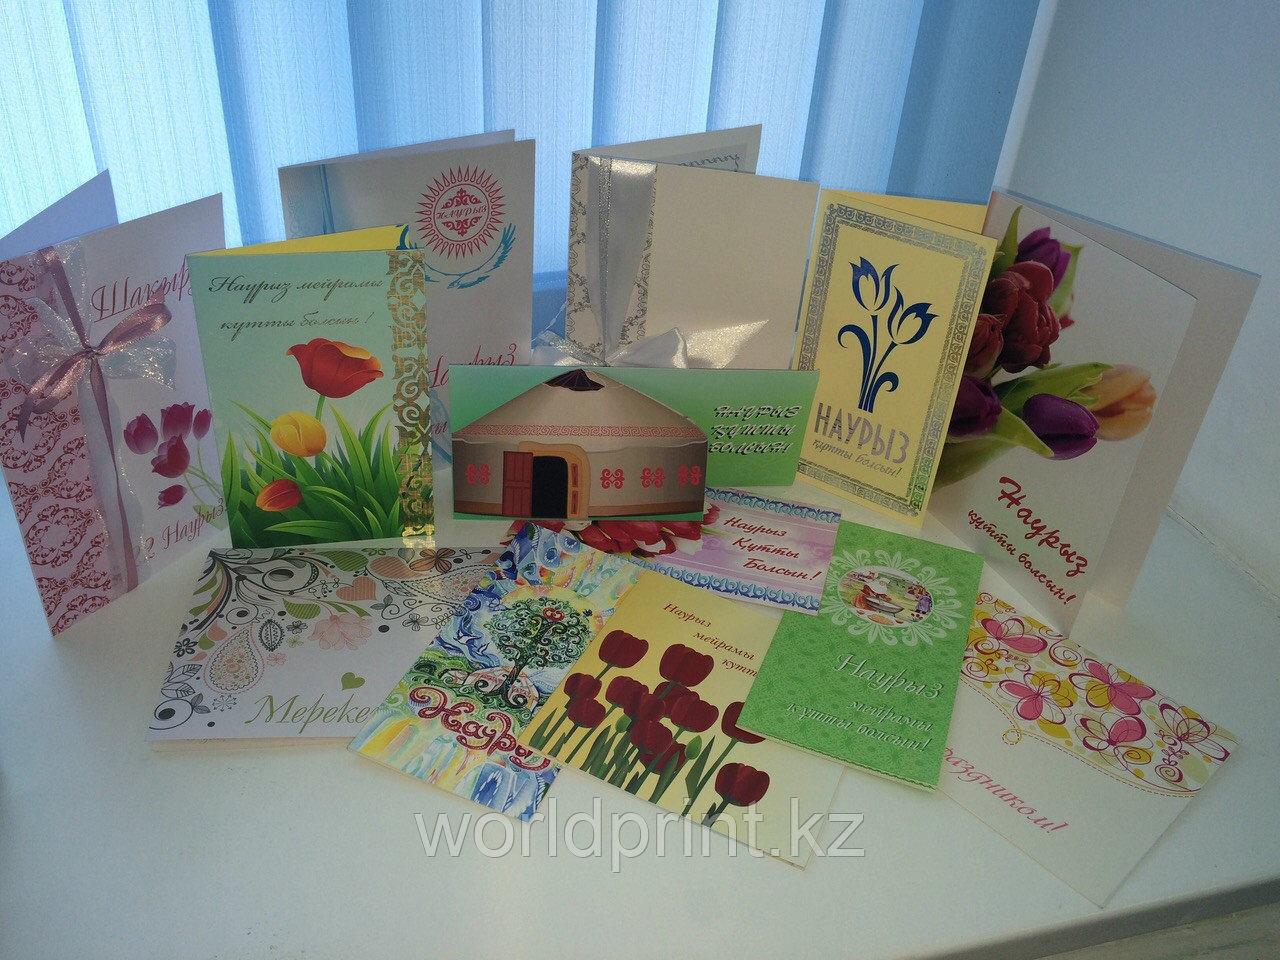 Печать, изготовление,заказать открытки на Наурыз Астана